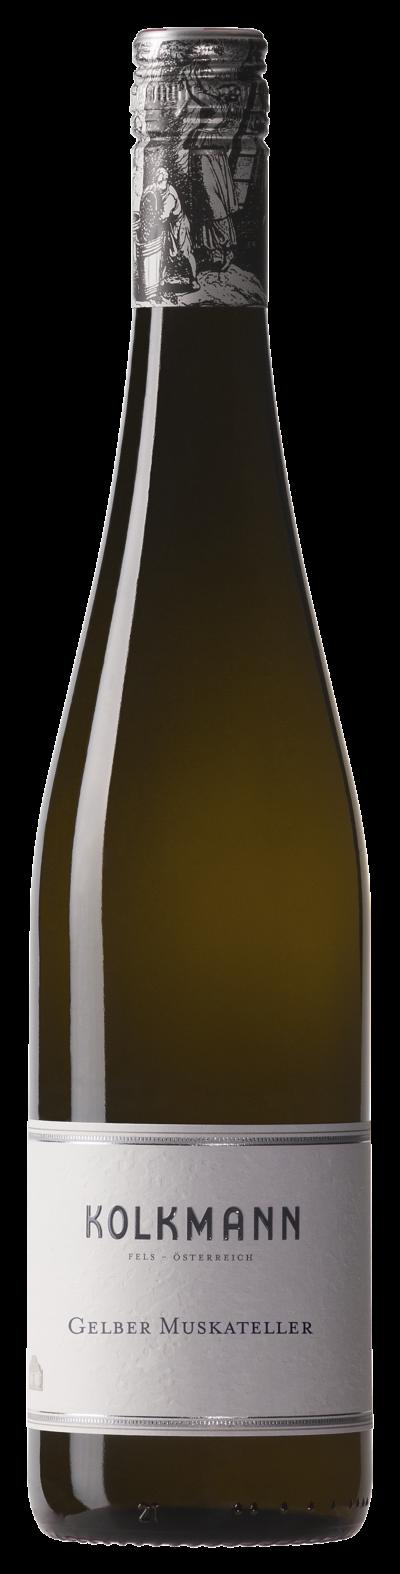 Gelber Muskateller vom Weingut Kolkmann - dem Weingut in Fels am Wagram in Niederösterreich